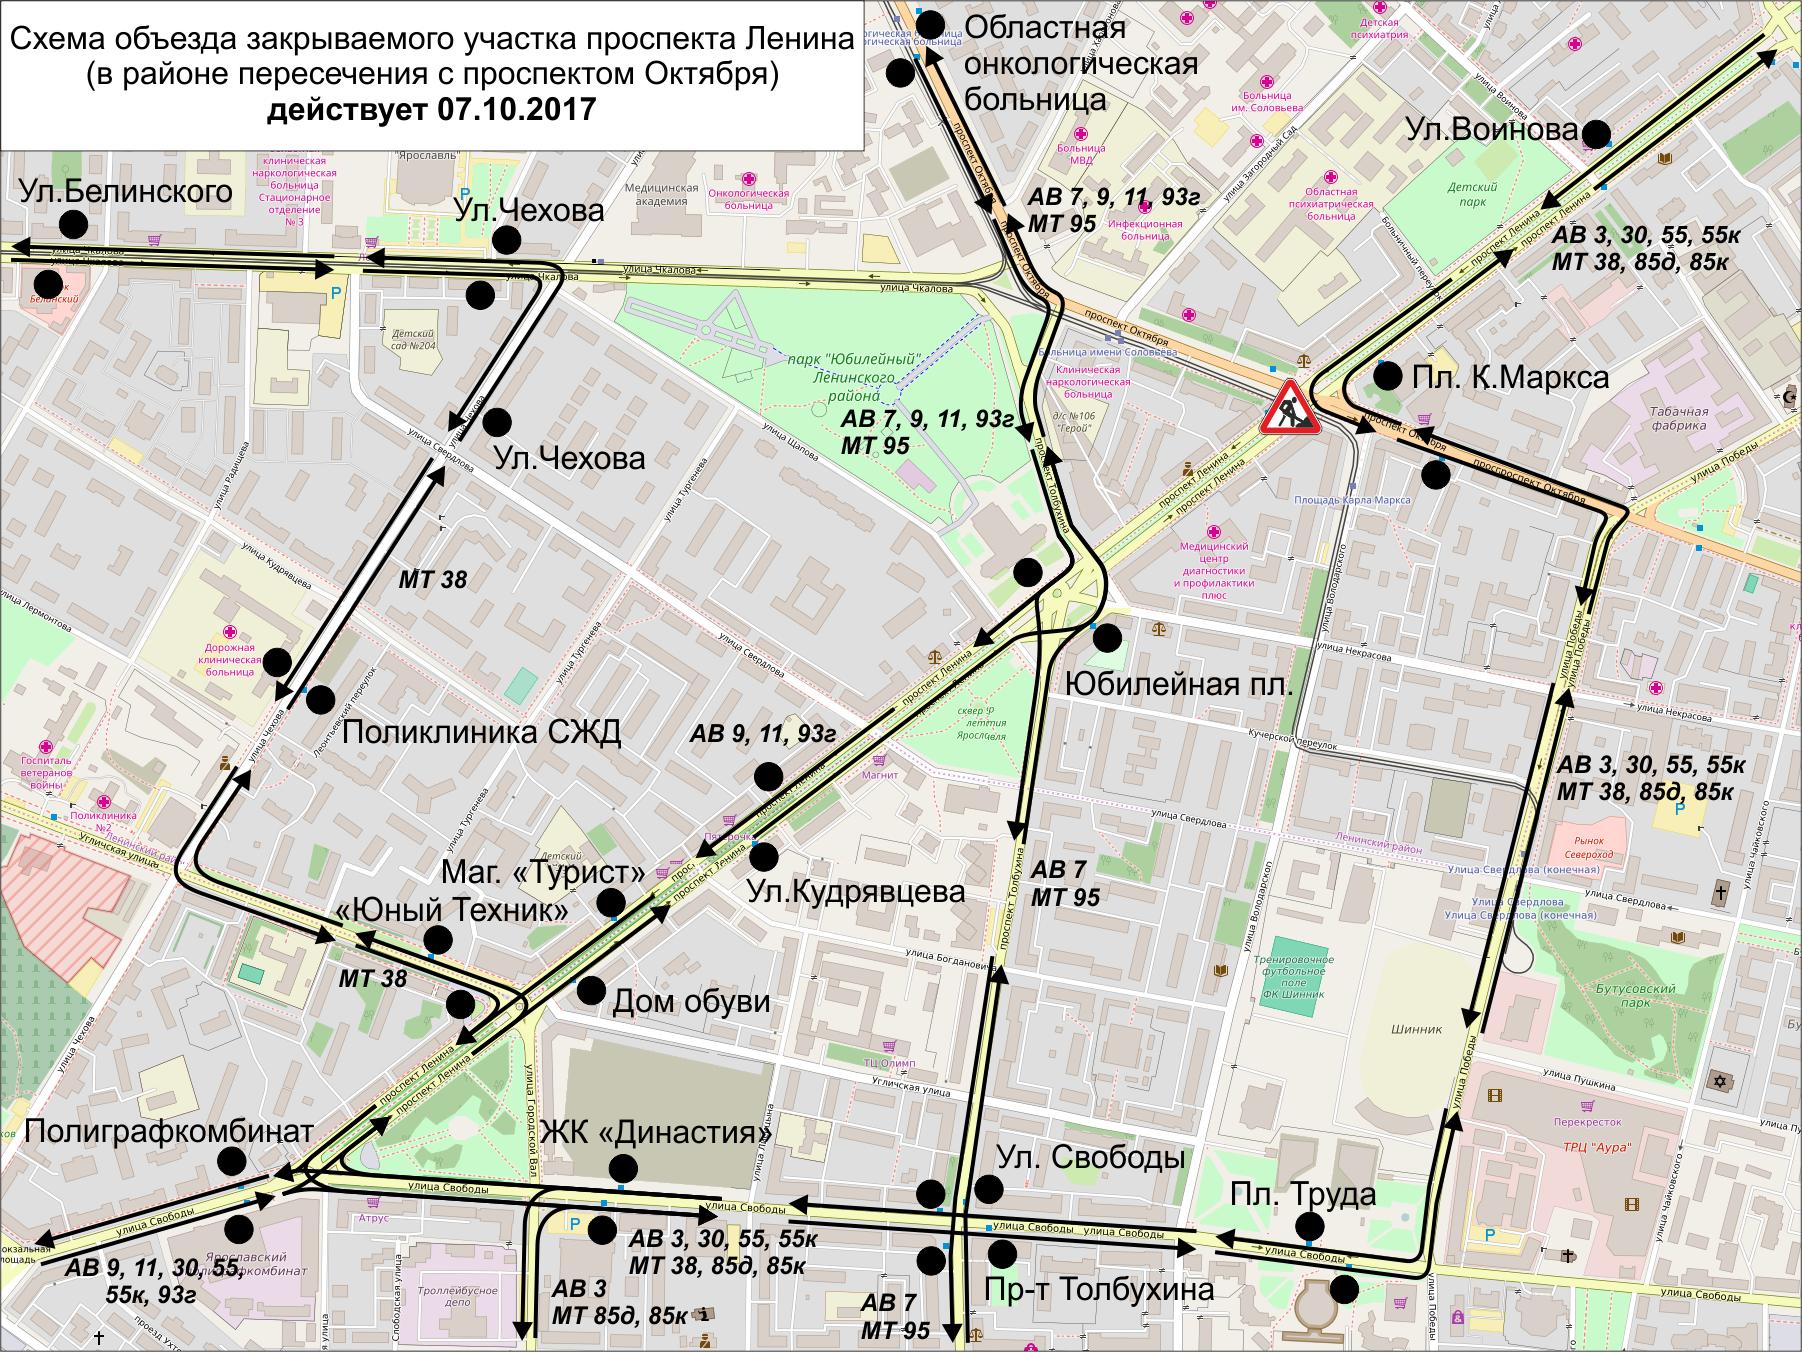 95 маршрутки ярославль схема движения